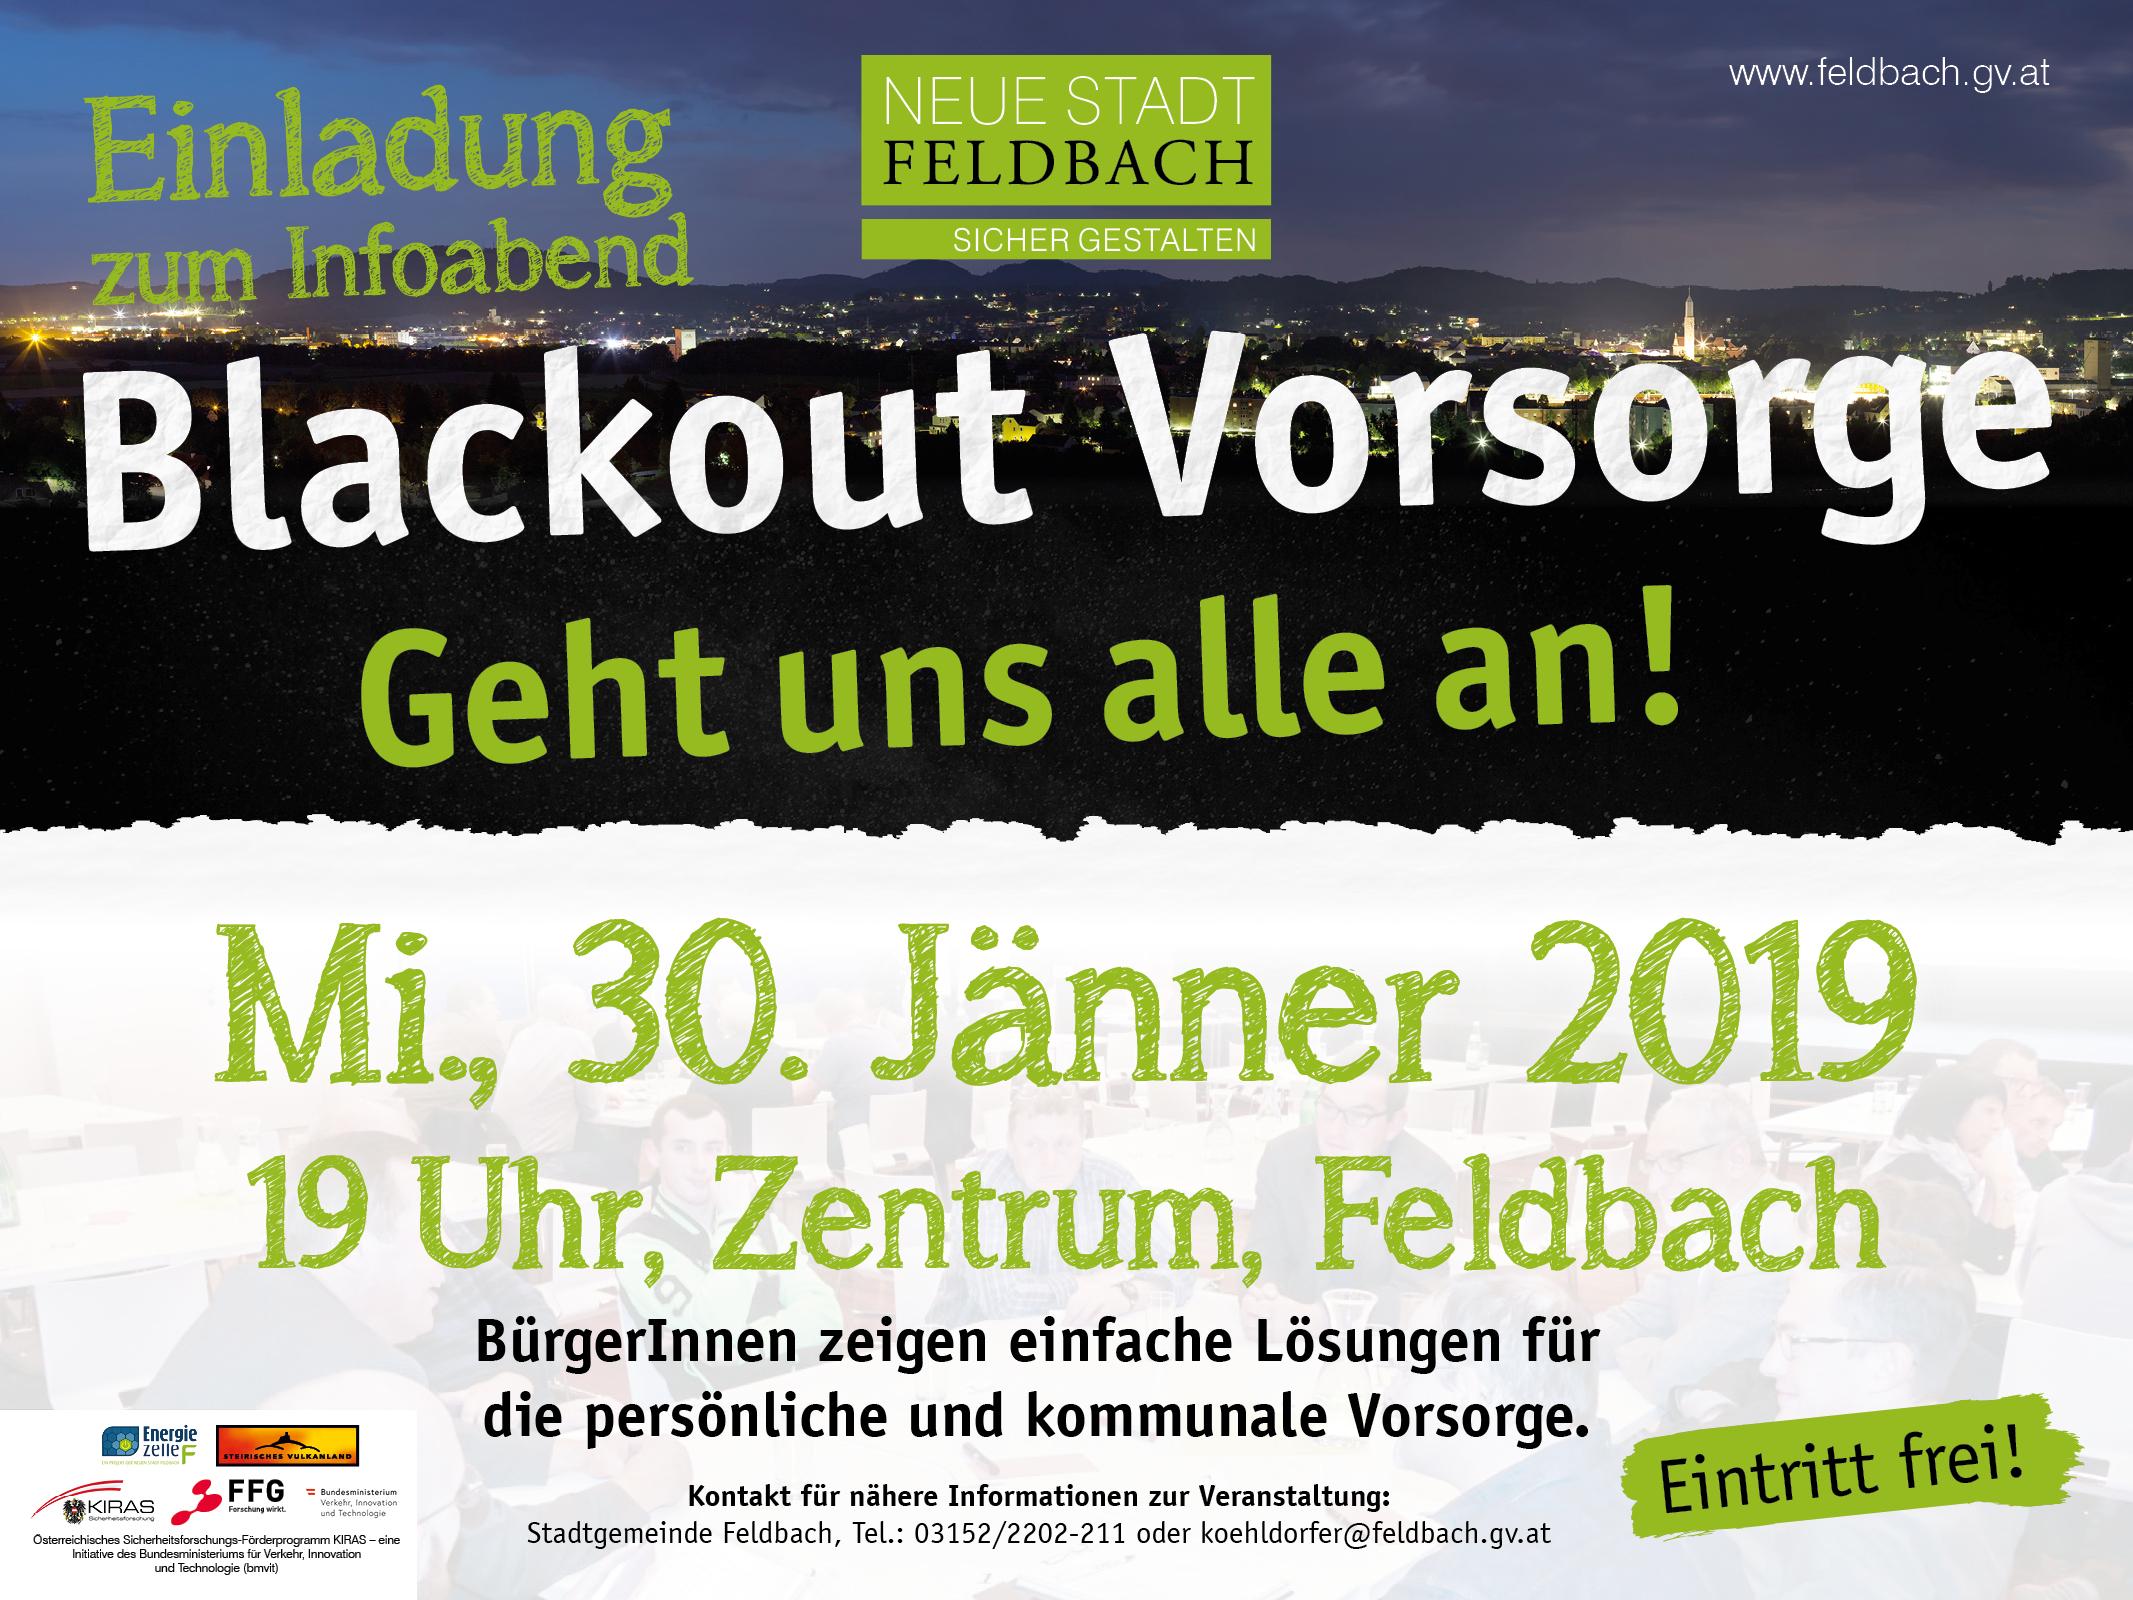 Blackout Vorsorge am 30. Jänner 2019 in Feldbach